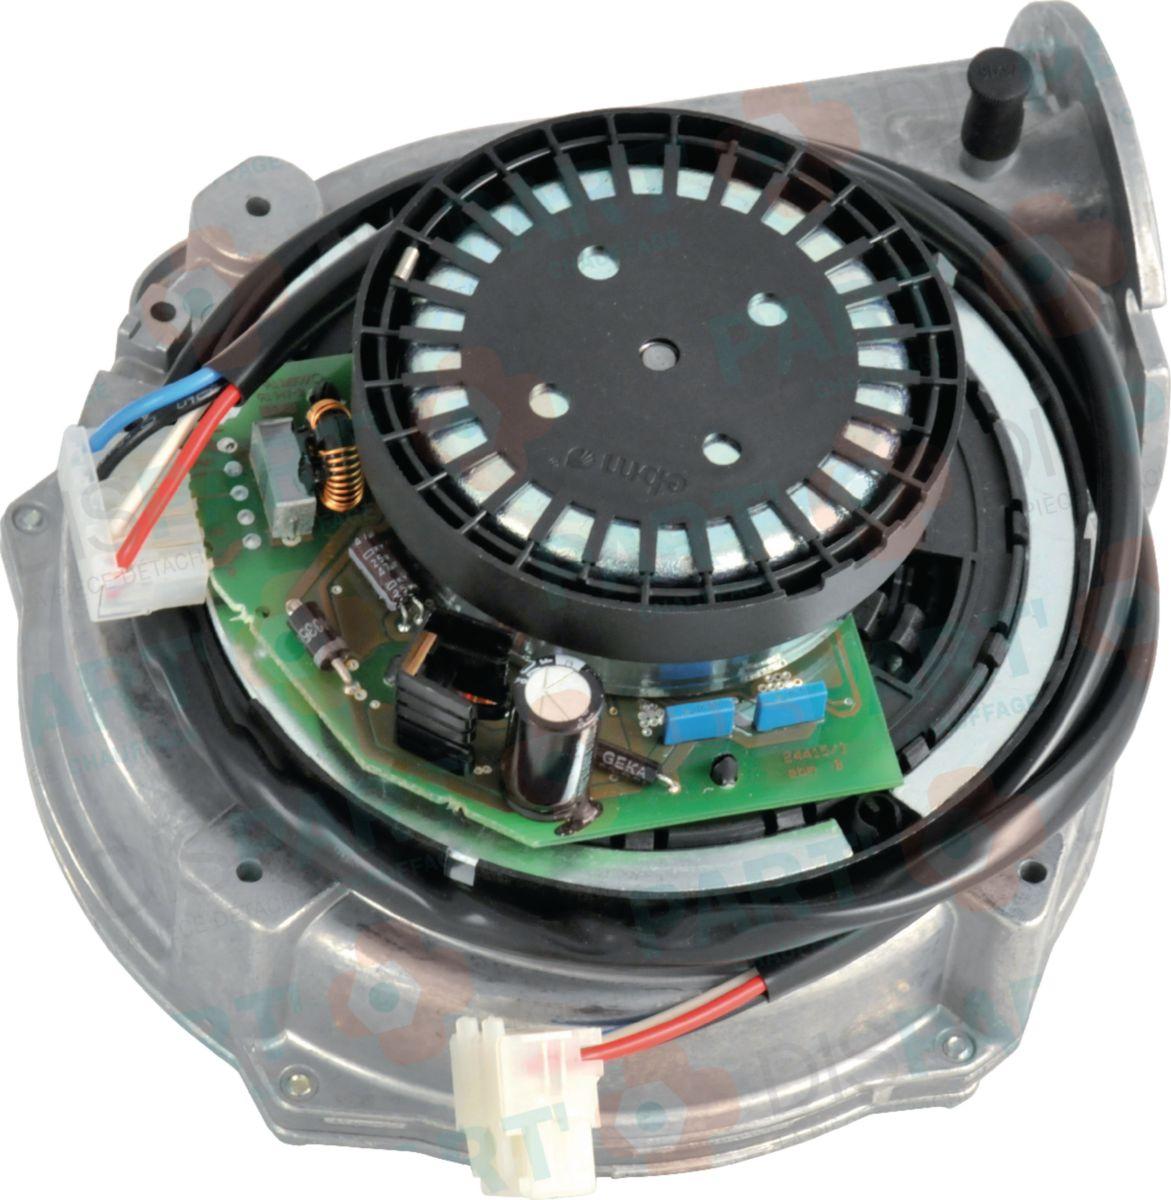 Ventilateur THR 5/25 Réf. 87168289870